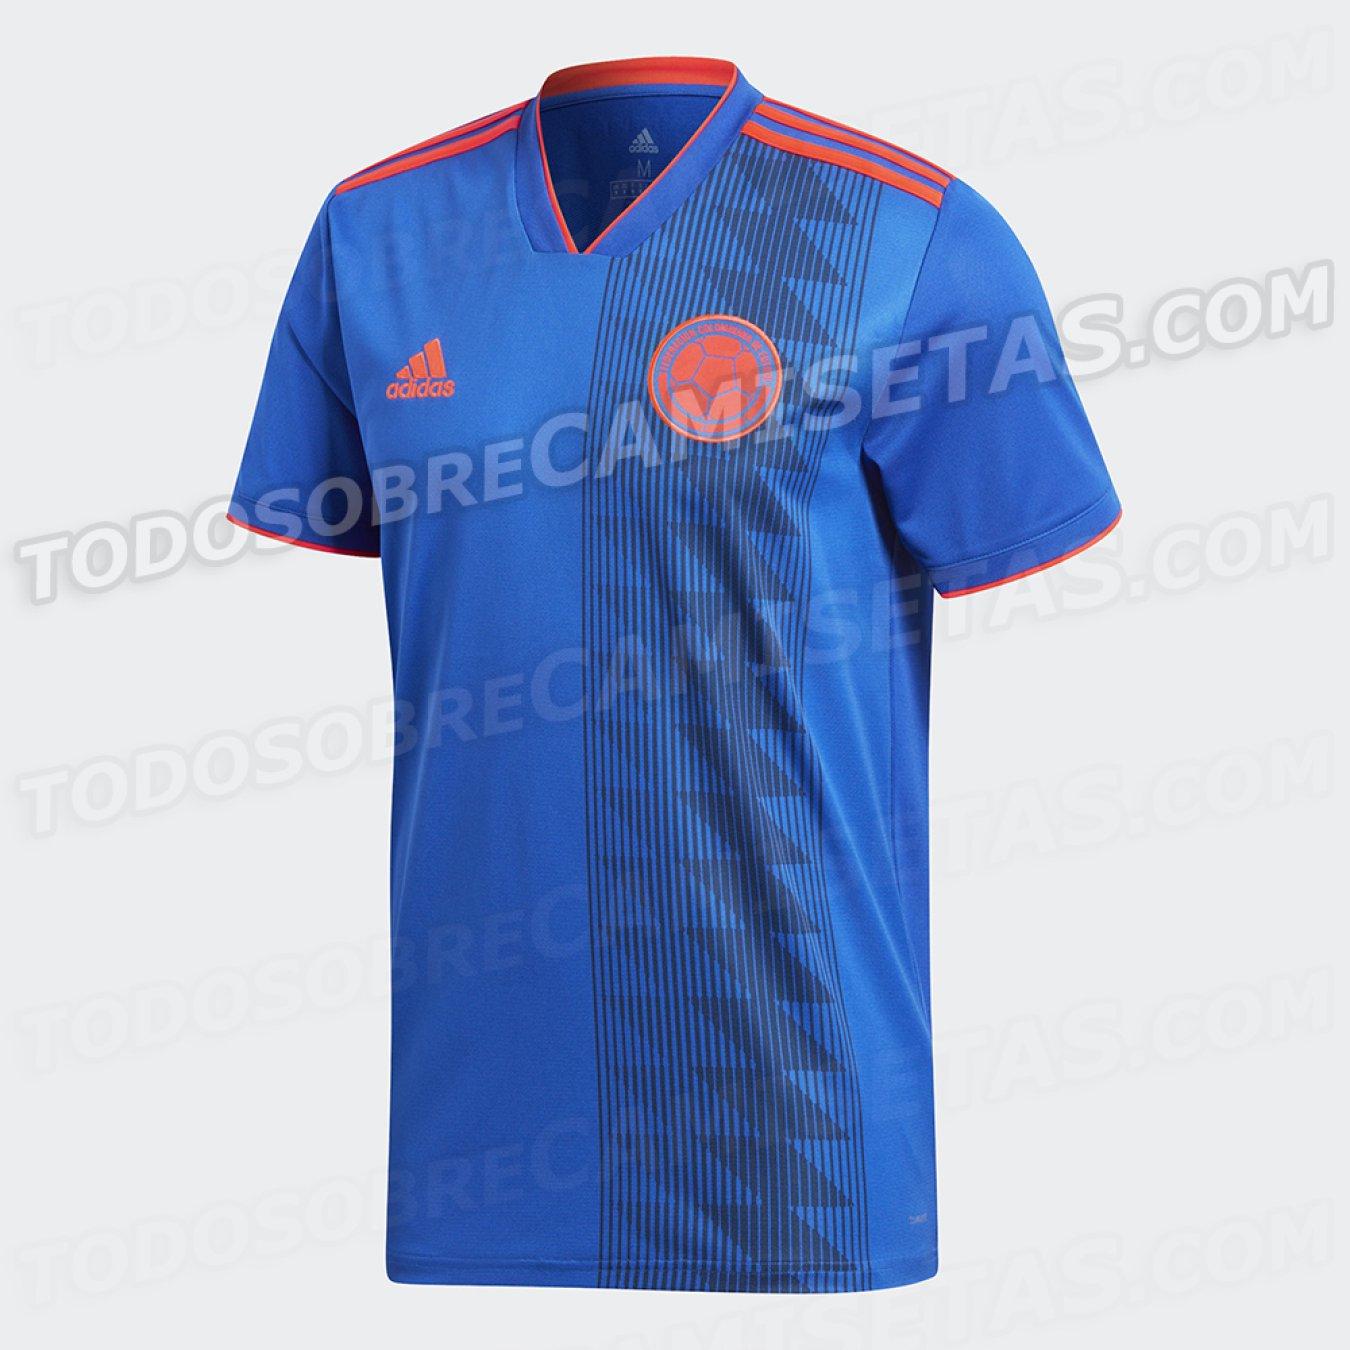 Selección Colombia. El cuello de la camiseta ... 77f34ae5c42cb